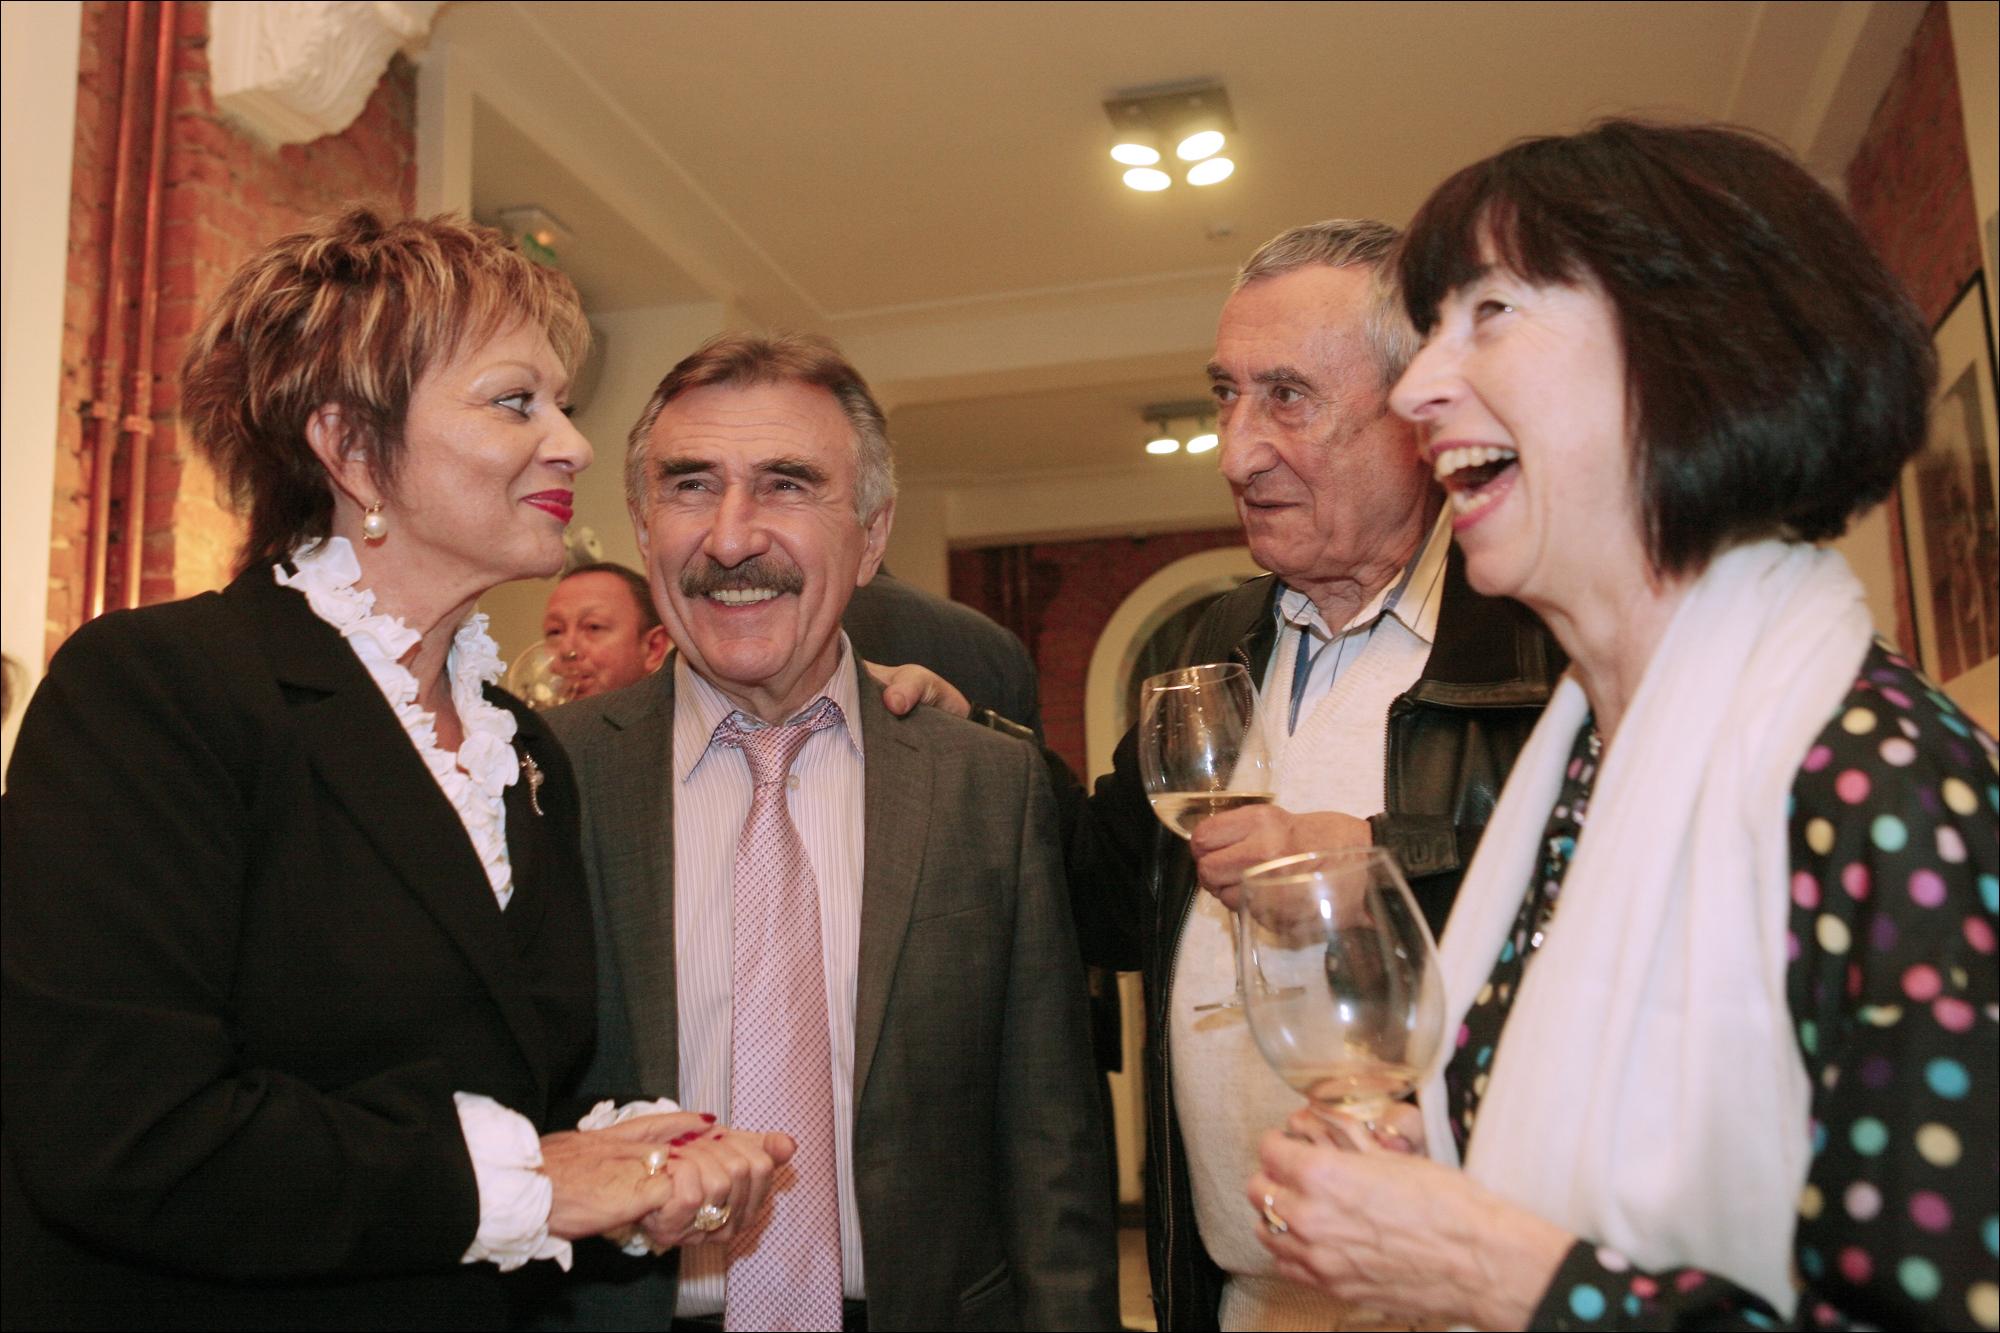 На открытии фестиваля Израильских фильмов в Москве,слева Дорет Голендер.- посол Израиля в России.